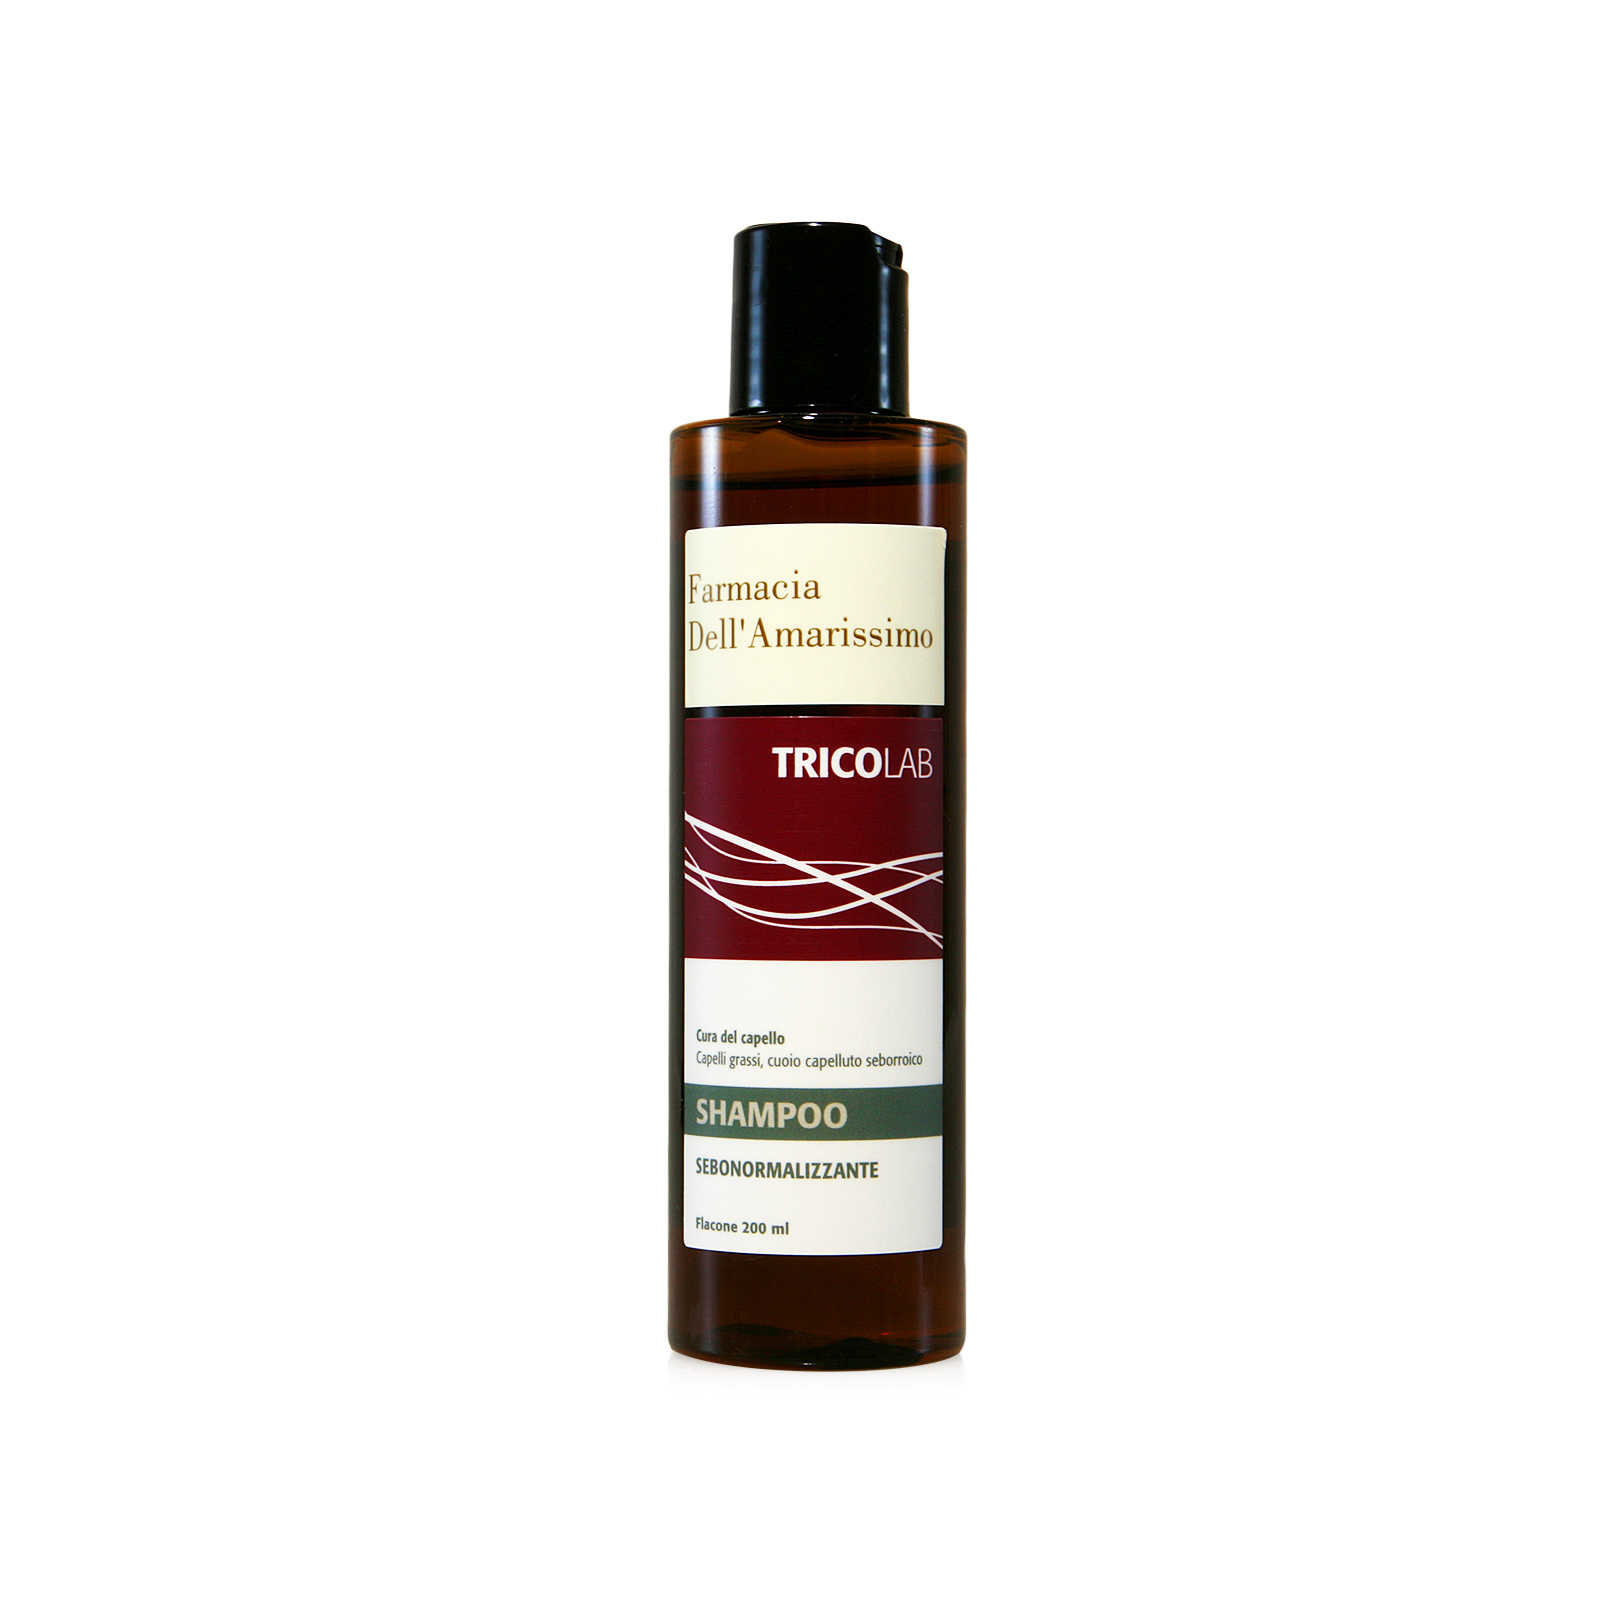 Farmacia Dell'amarissimo - Shampoo Sebonormalizzante - Tricolab